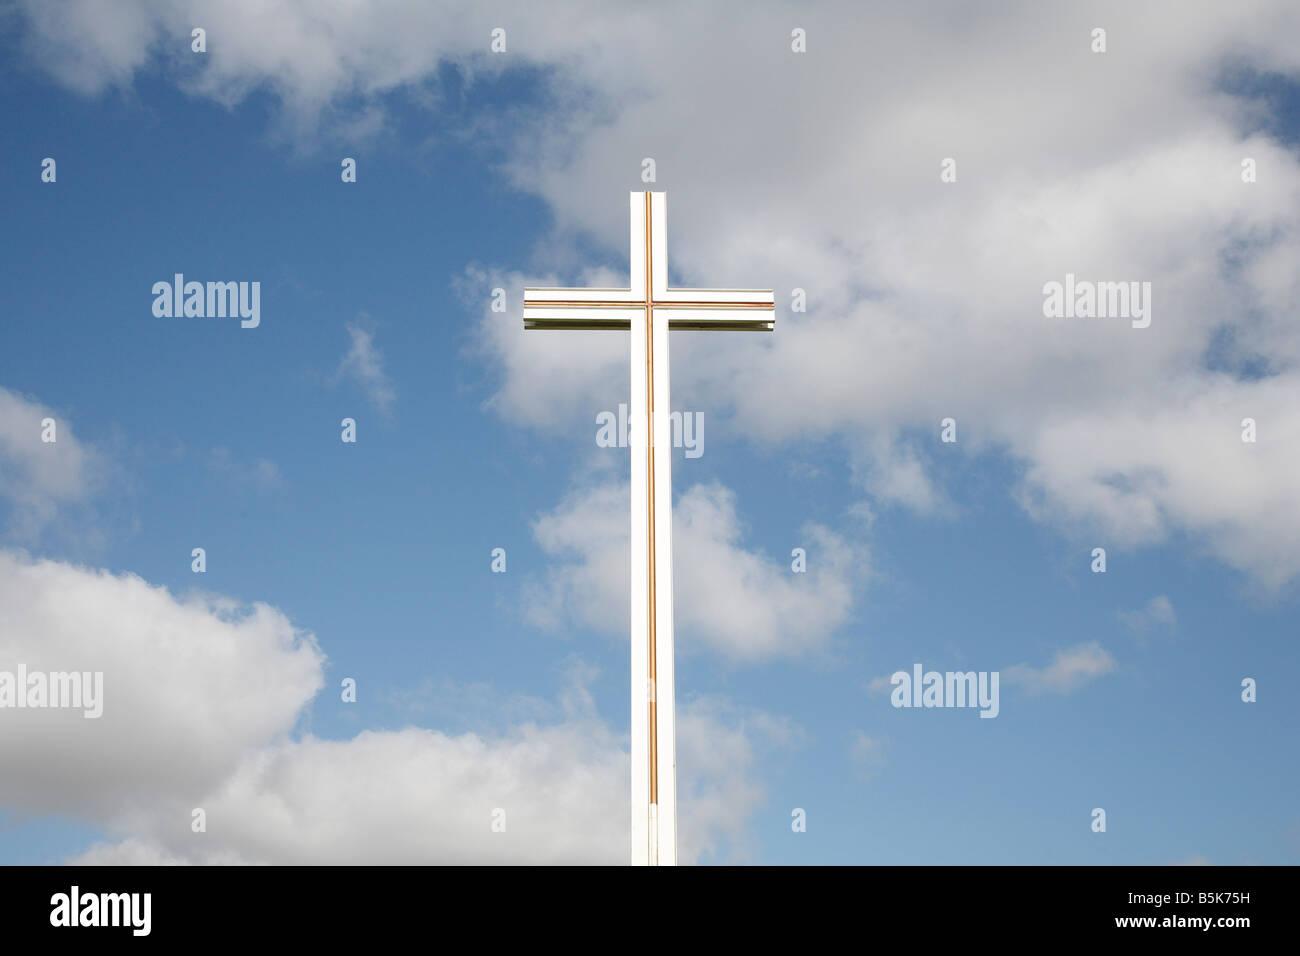 Cross Cutting Stock Photos & Cross Cutting Stock Images - Alamy